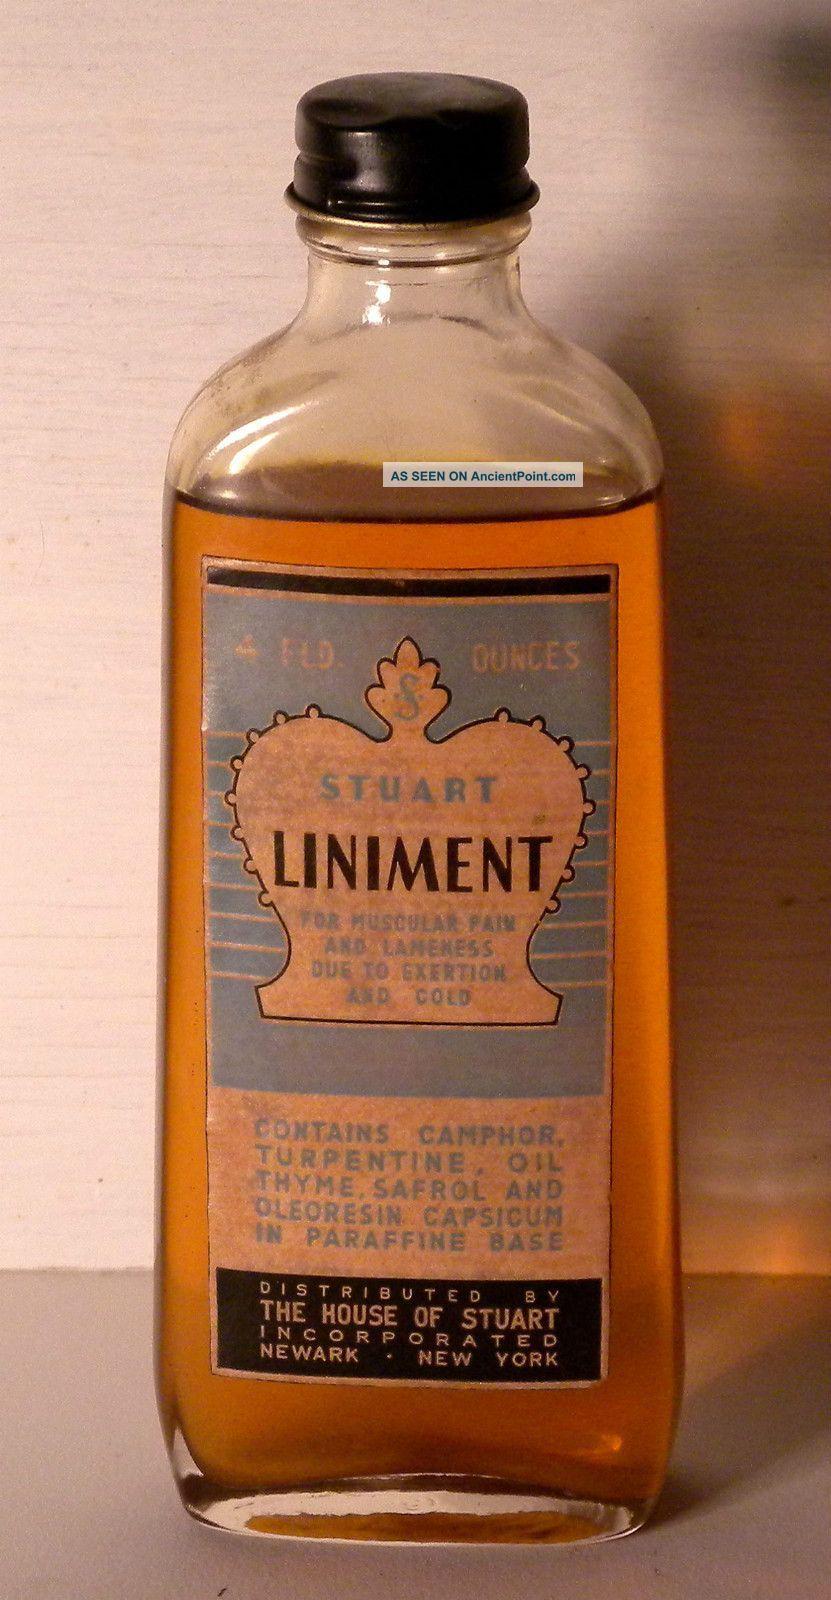 Liniment - House of Stuart Inc  Newark New York - For